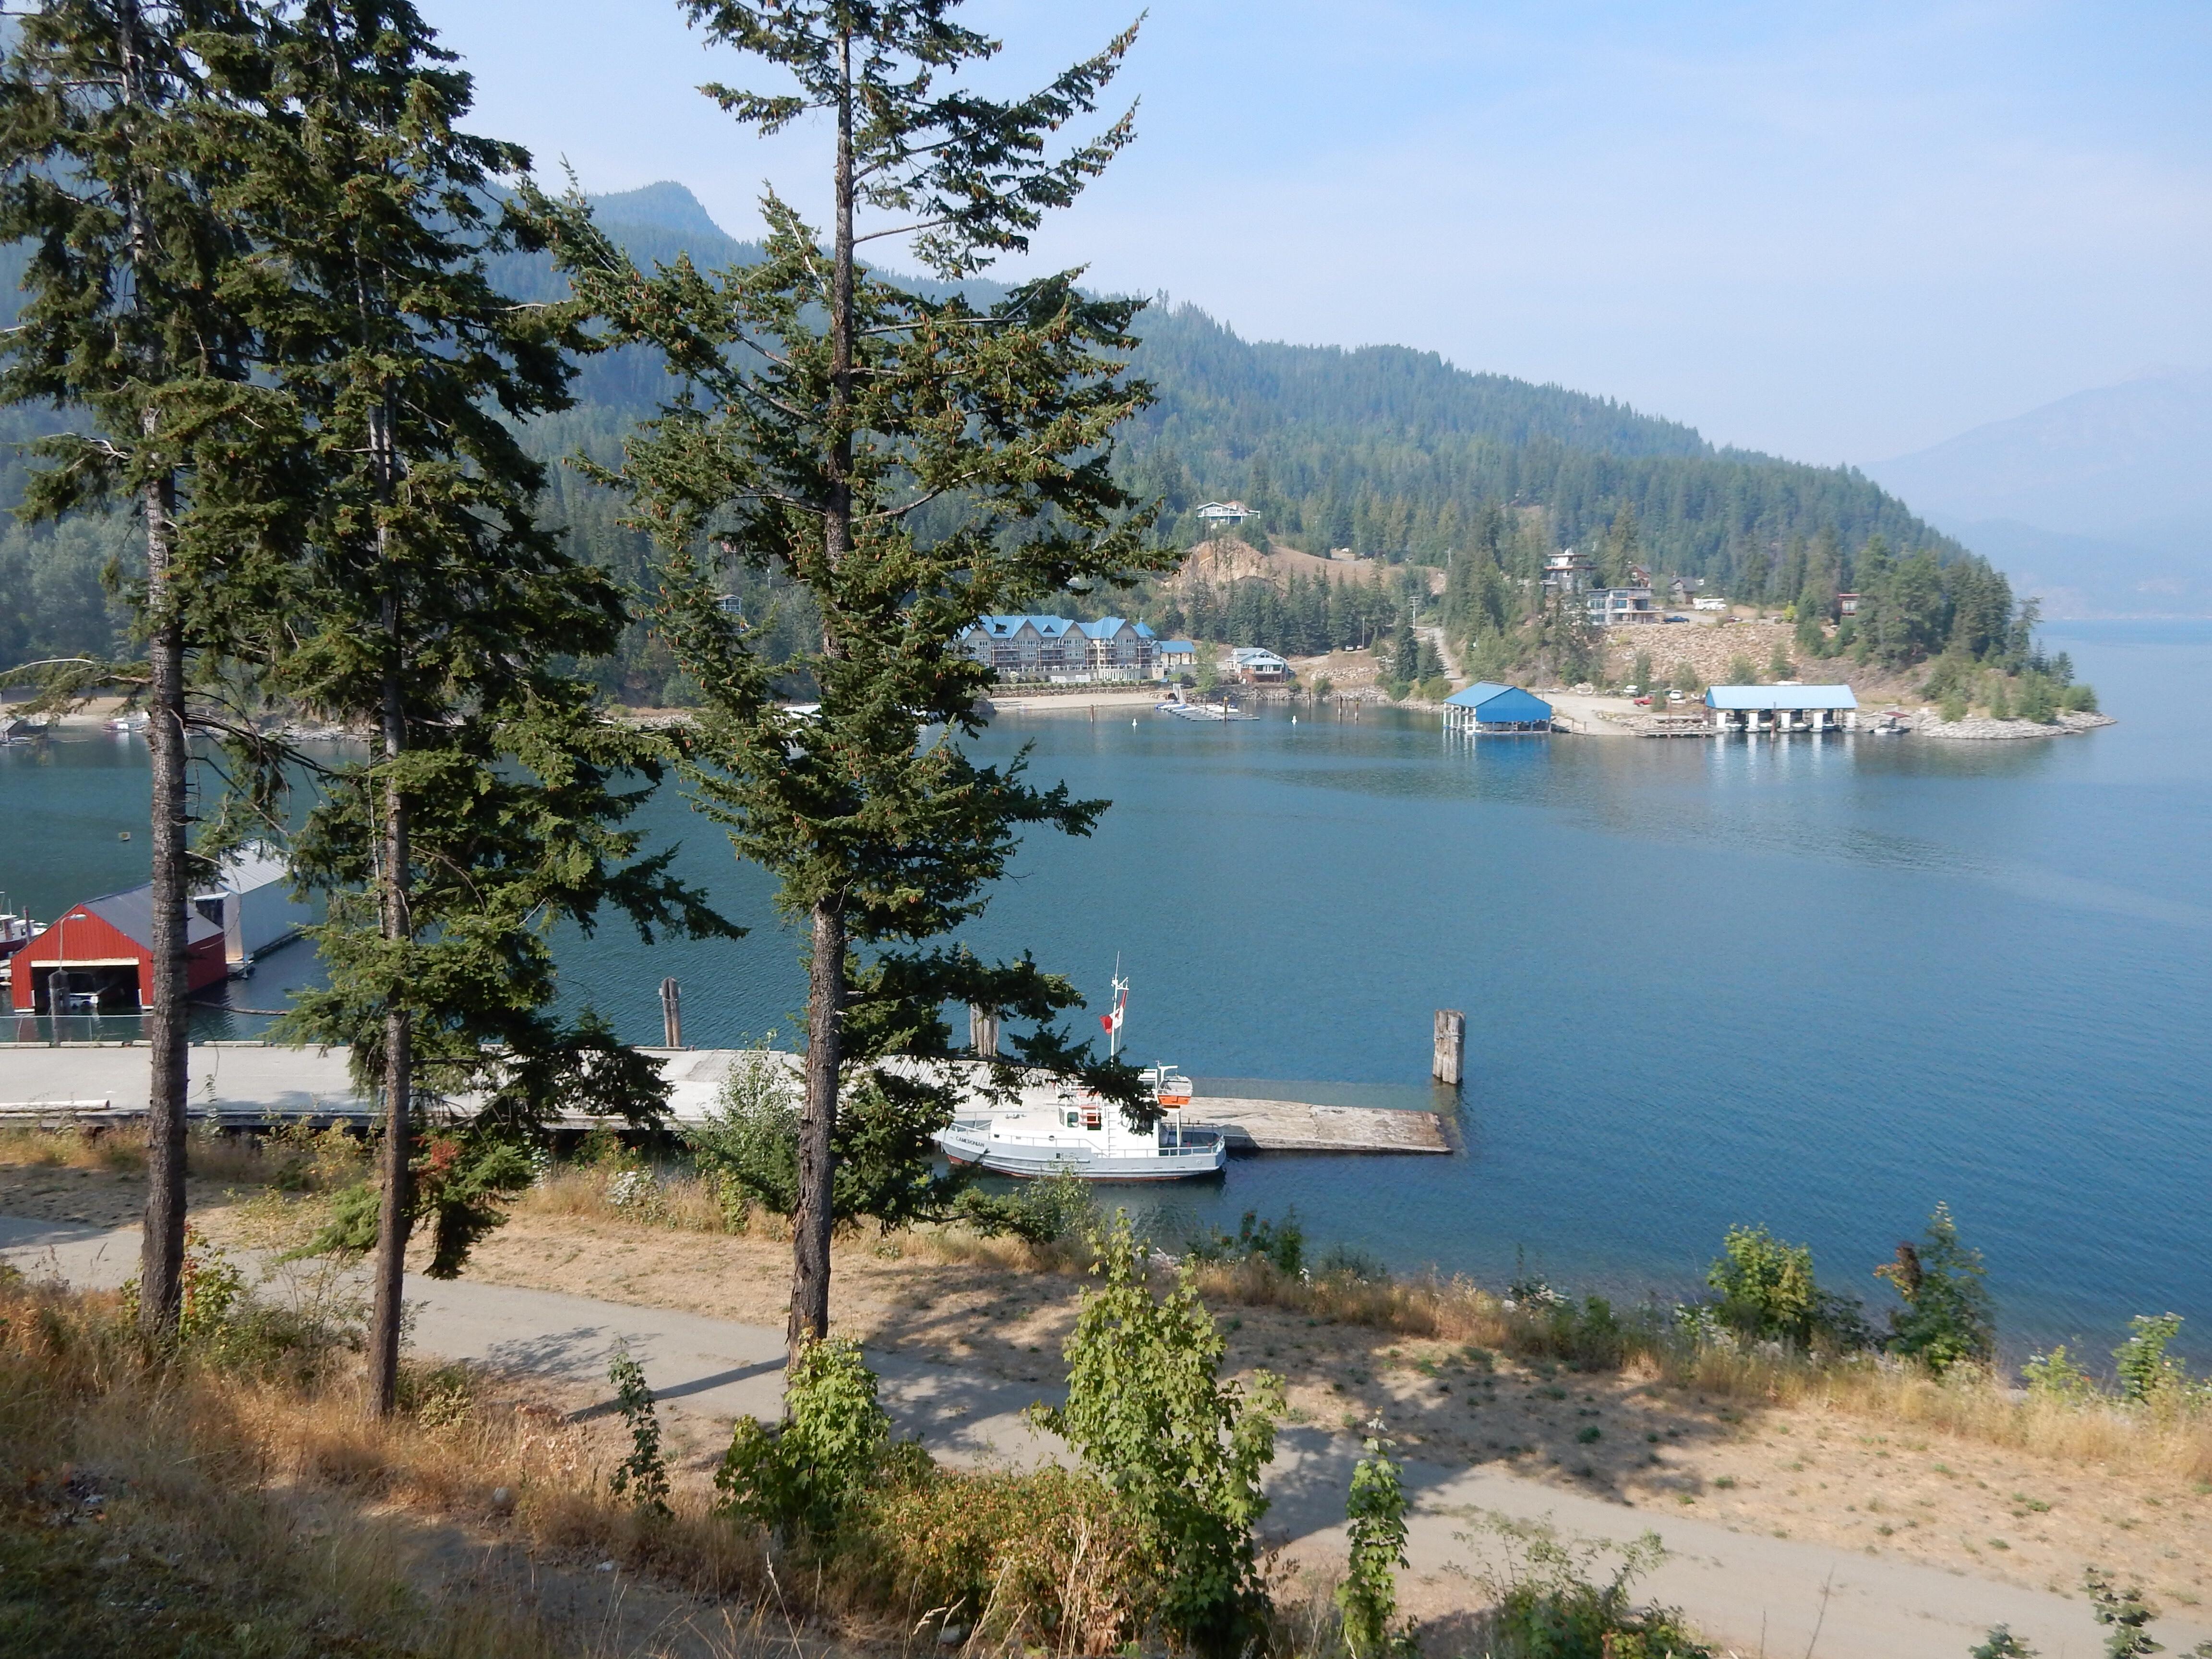 Docks and marinas at Kaslo, BC.